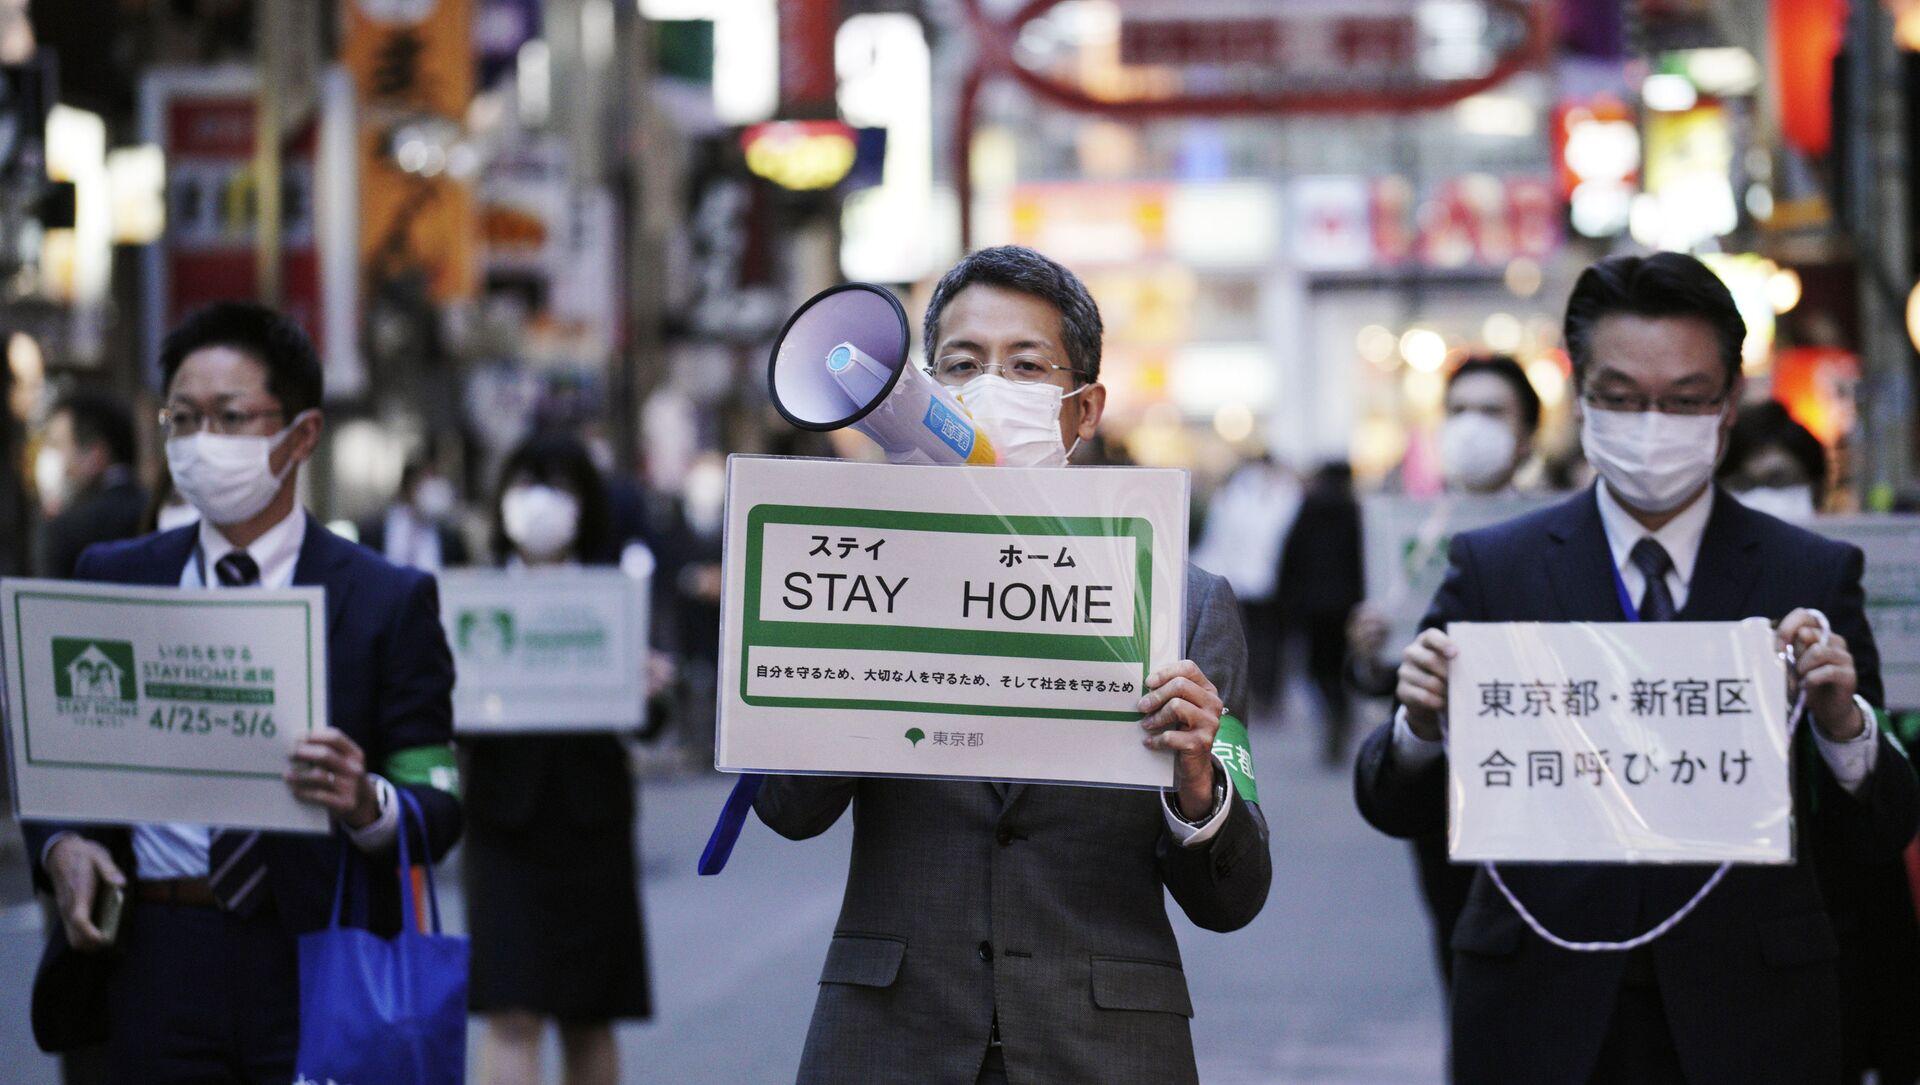 緊急事態宣言下の東京(2020年4月) - Sputnik 日本, 1920, 21.04.2021